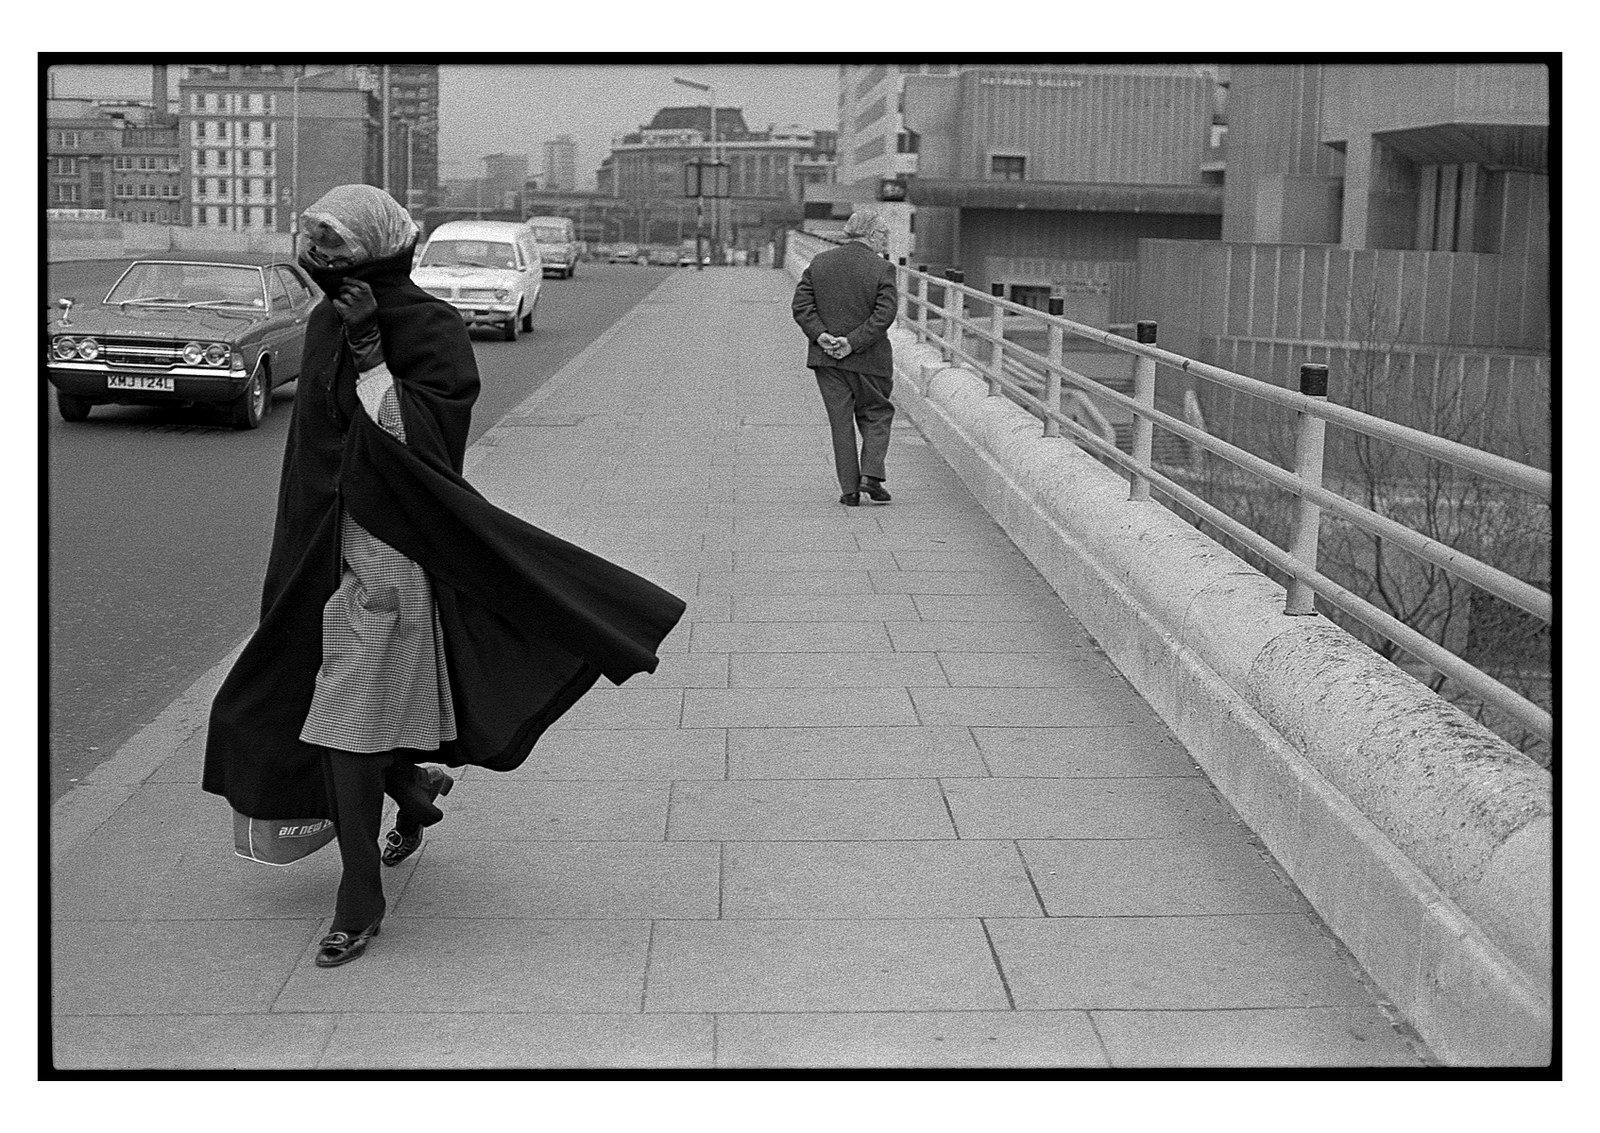 London in 1974